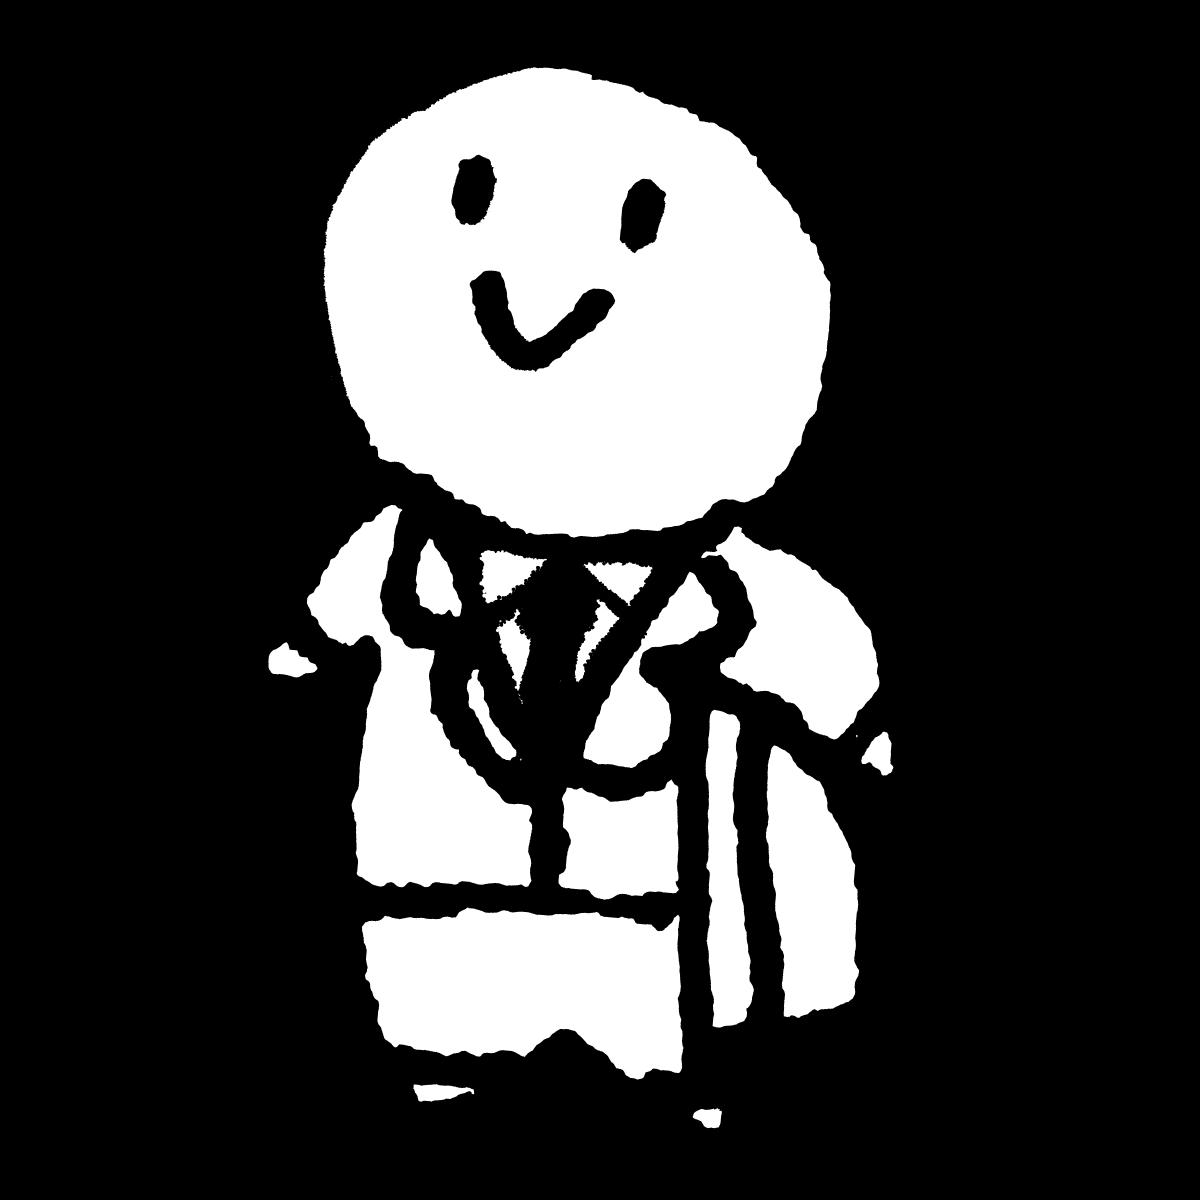 立つサラリーマンのイラスト / A standing salaryman Illustration